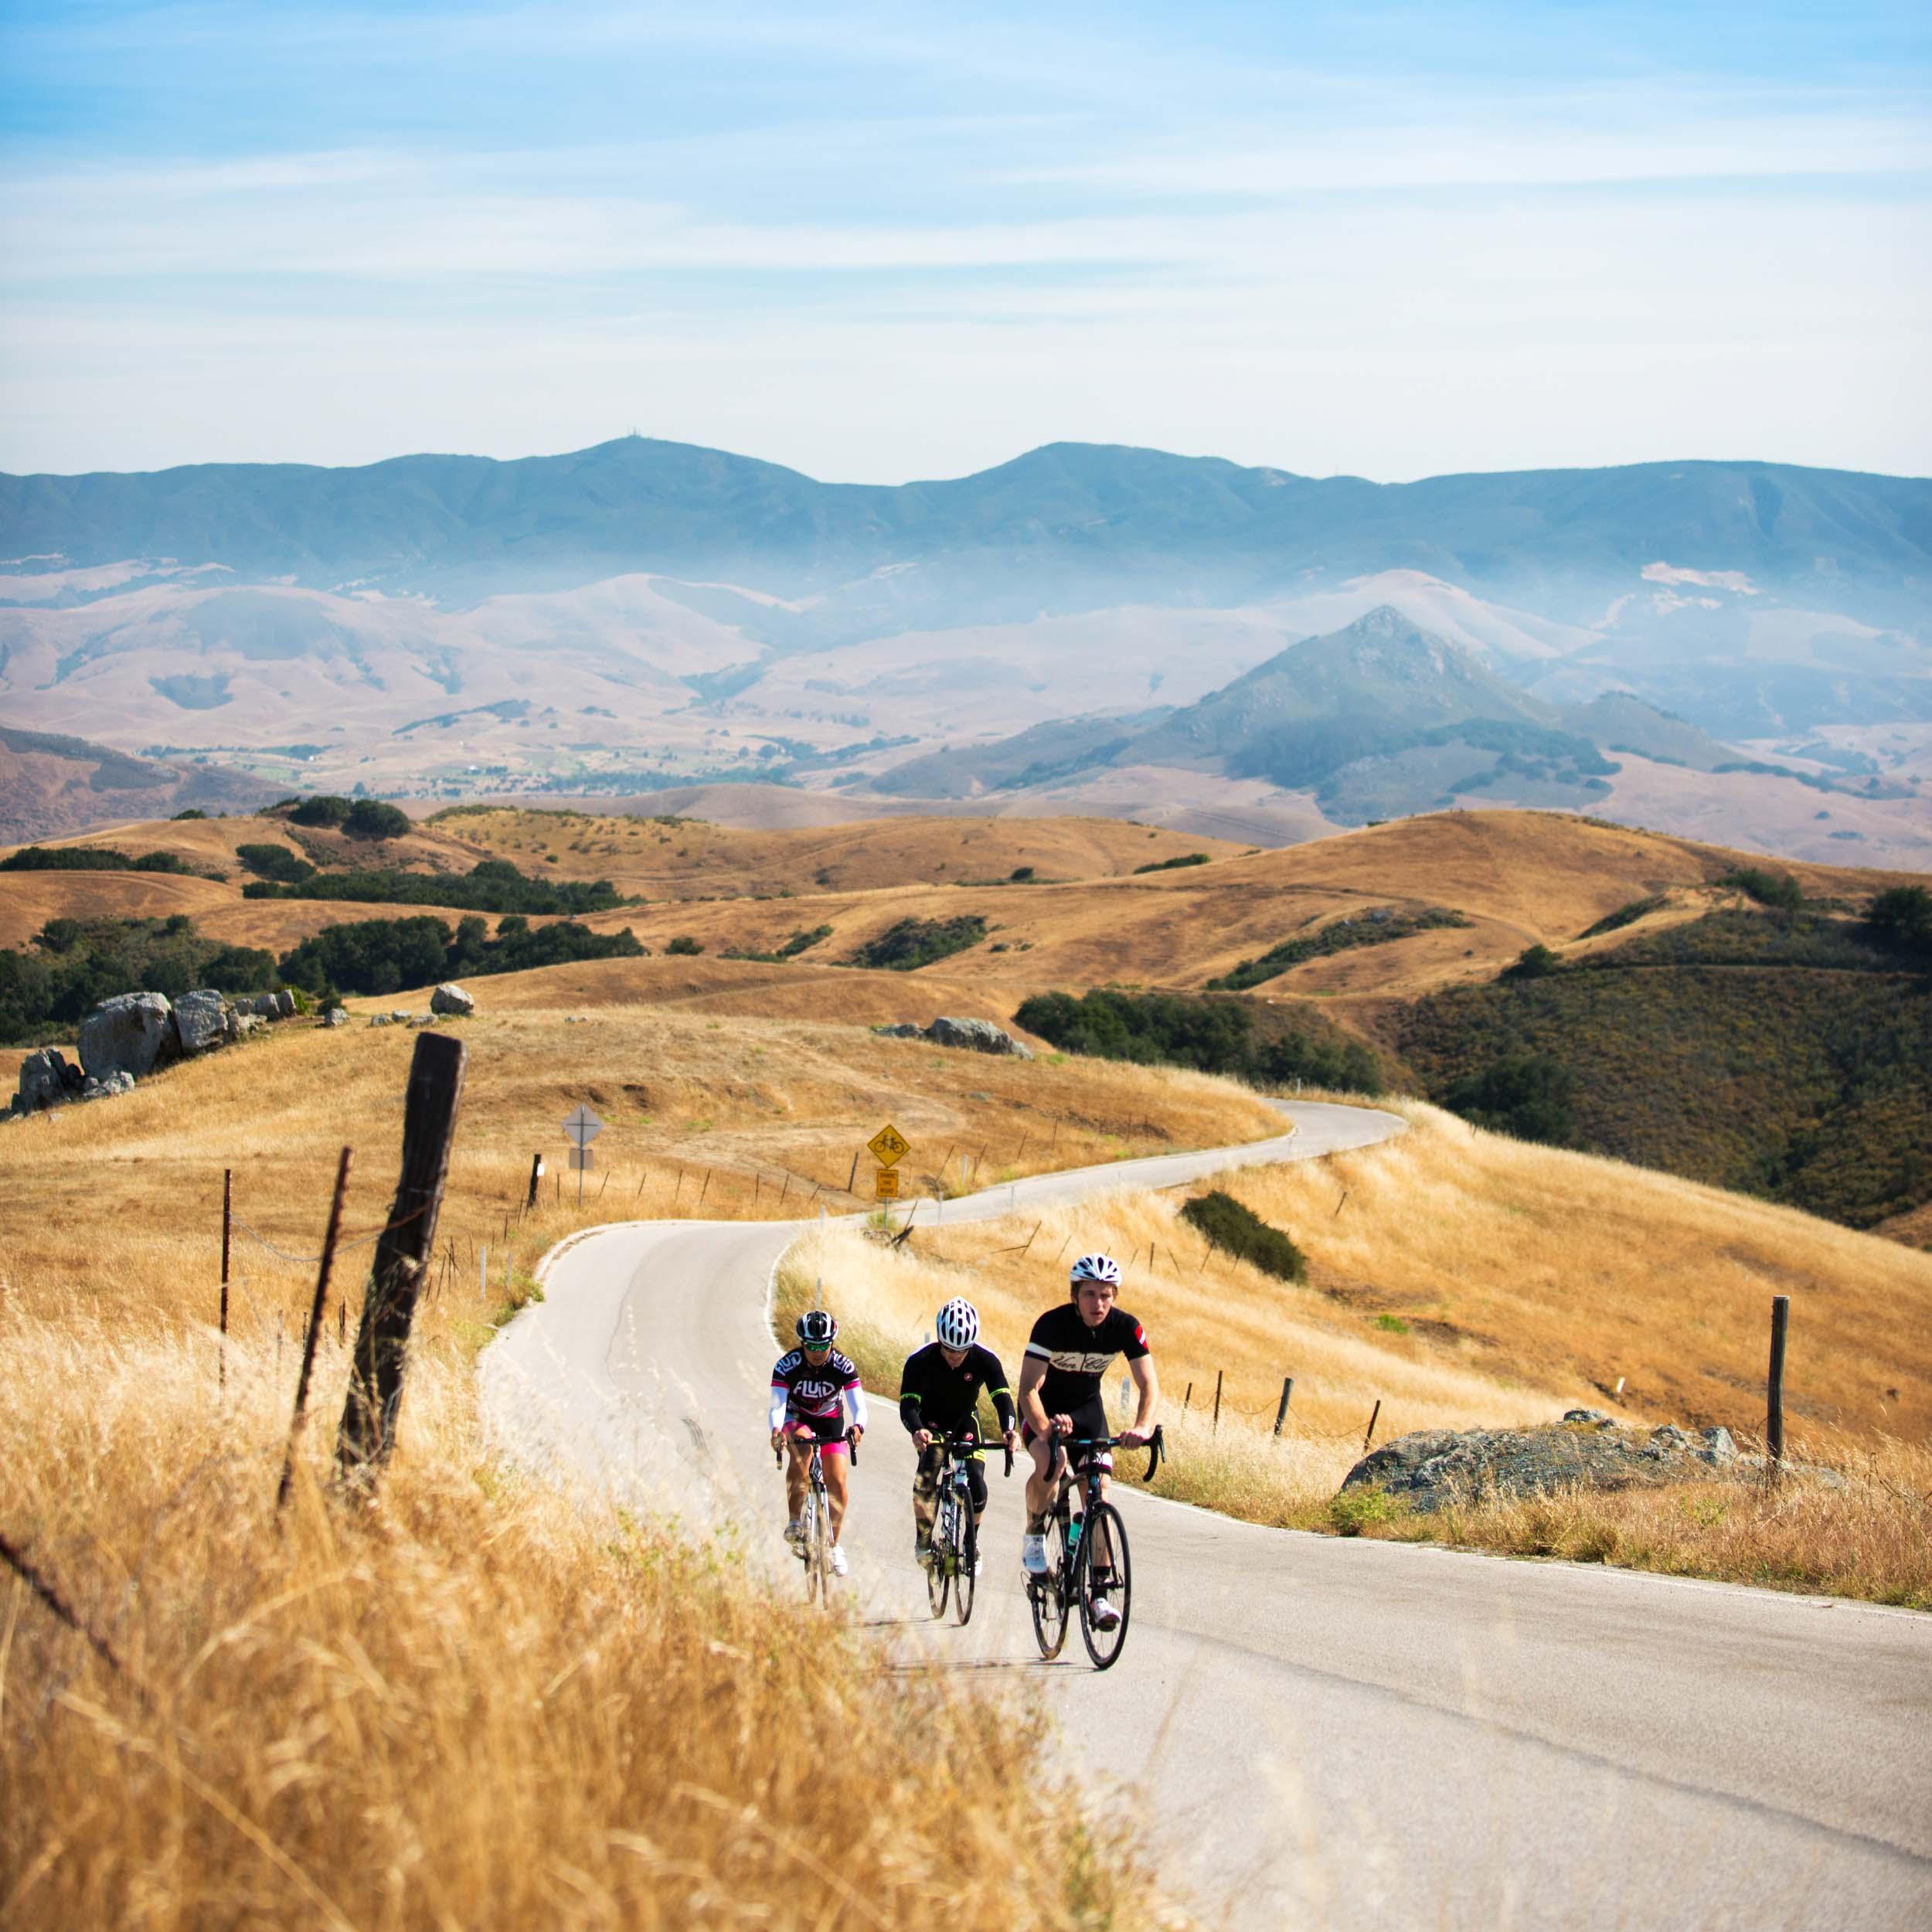 kman_cyclery_road_ride_group_crop_w.jpg